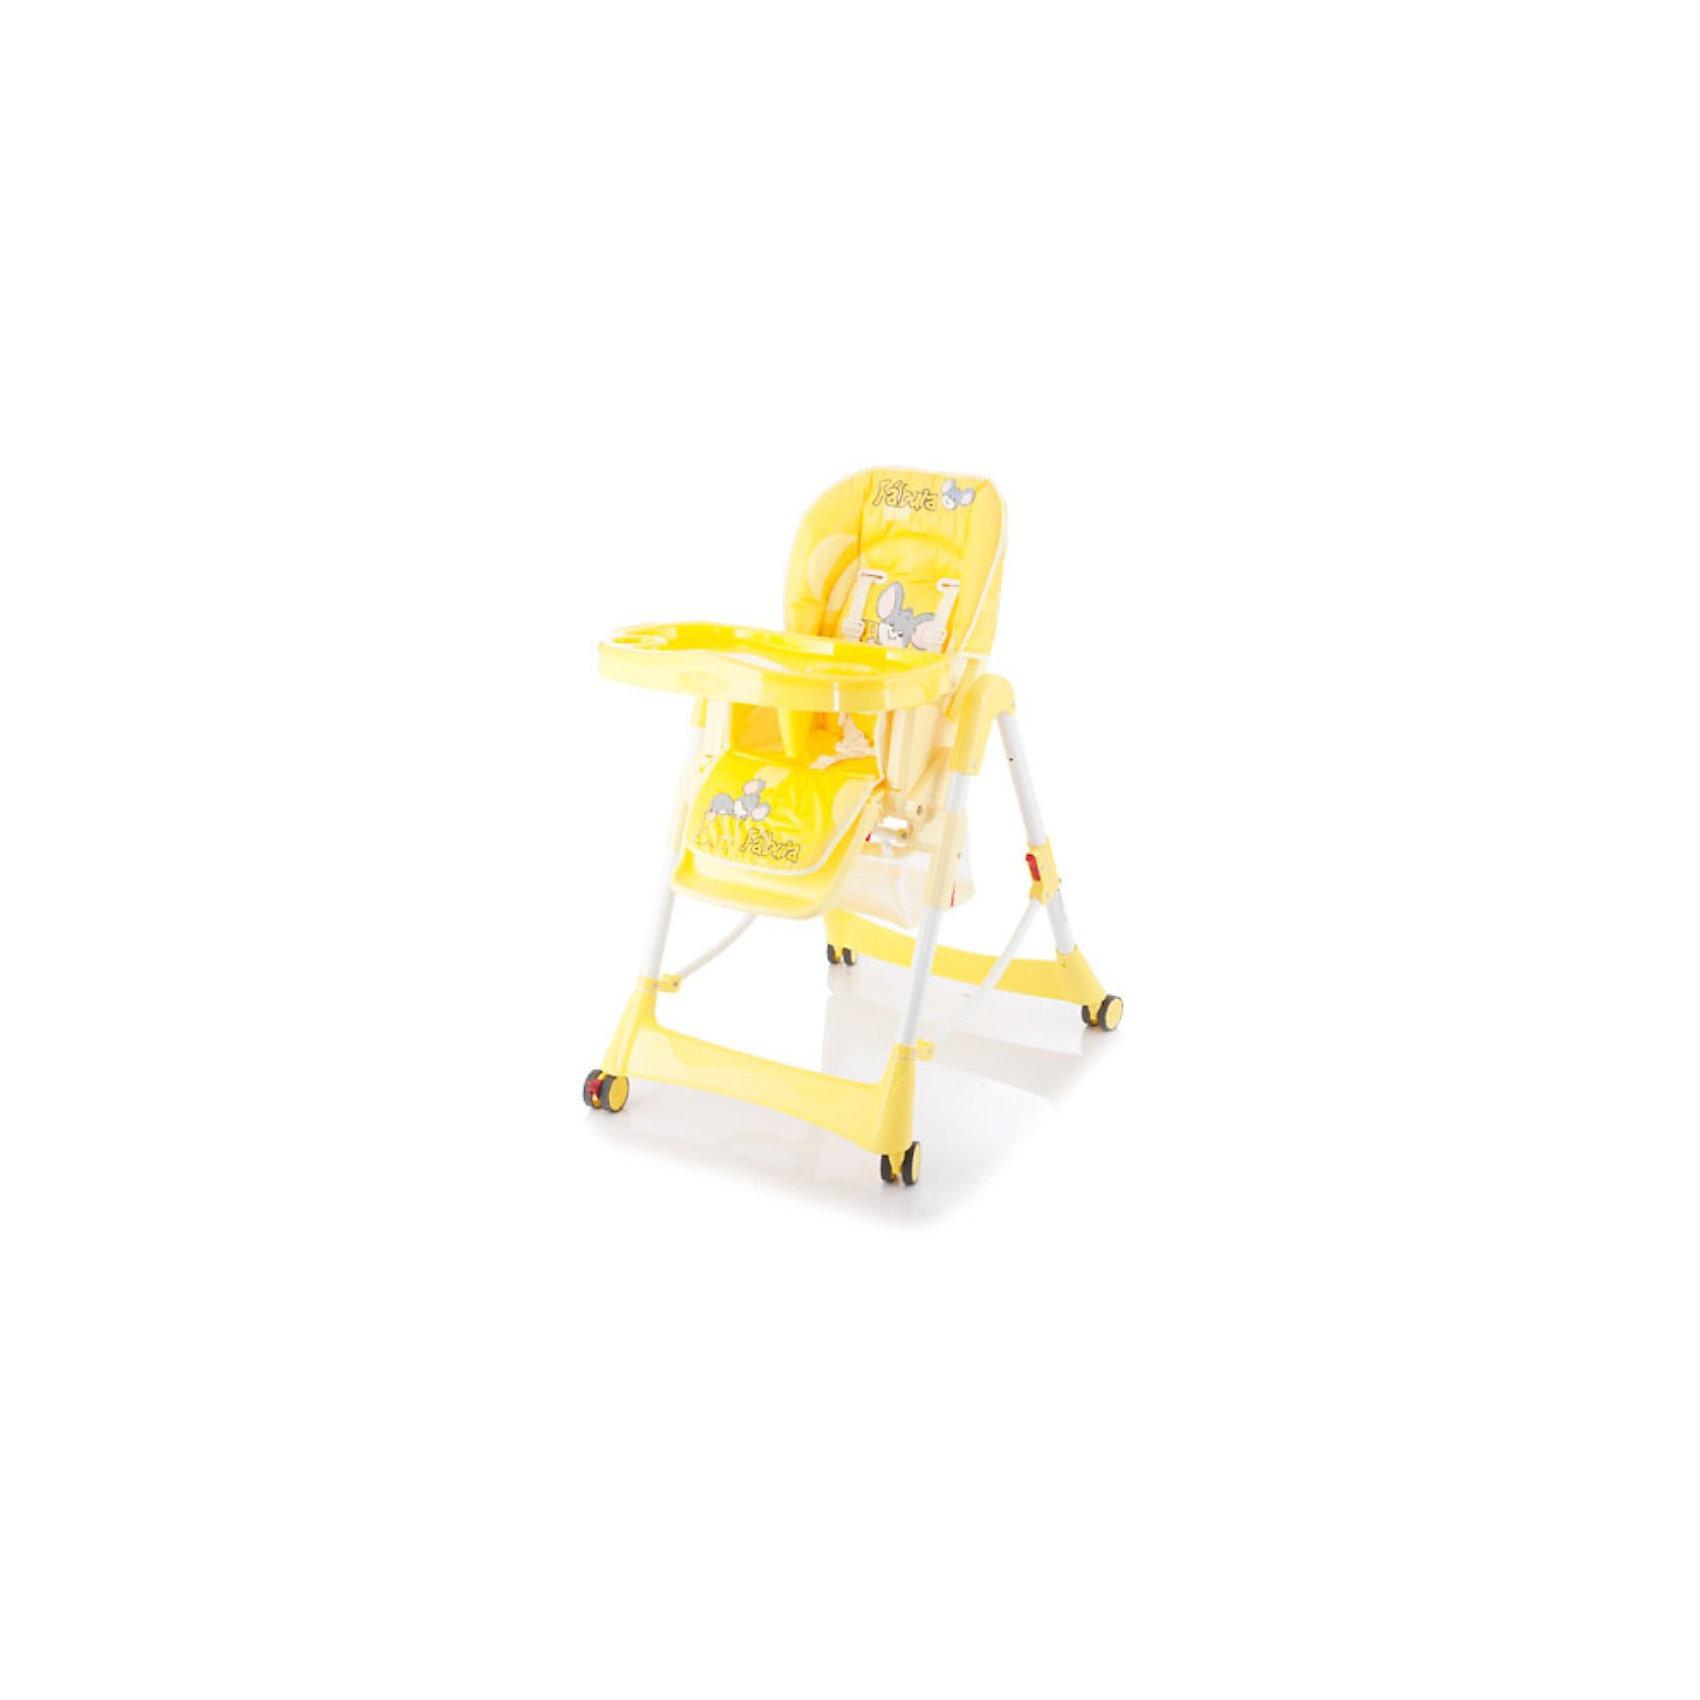 Стульчик для кормления Piero Fabula, Jetem, желтыйСтульчики для кормления<br>Даже при наличии ограниченного пространства, стульчик для кормления Jetem Piero Fabula (Жетем Пьеро Фабула) станет Вашим главным помощником в кормлении и играх с ребенком. Возможность простого складывания до компактных размеров, позволяет данной модели не занимать много лишнего места. Прорезиненные колеса, могут быть использованы для перемещения стульчика по комнате, не прилагая особых усилий, при этом, даже самое деликатное напольное покрытие не поцарапается. Молодой маме будет легко ухаживать за таким изделием, так как оно изготовлено из легко моющейся пластмассы и имеет съемную клеенчатую обивку. А ребенку понравится яркий дизайн и веселая расцветка.<br>Стульчик Jetem Piero Fabula (Жетем Пьеро Фабула) можно регулировать по высоте (6 положений), уровню наклона спинки (3 уровня) и глубине столешницы (3 степени), что позволит Вам удобно и полезно использовать его как для первого прикорма, так и для игр с подросшим малышом. Для обеспечения безопасности Вашего малыша, применяется ограничитель и 5-ти точечные ремни безопасности, а наличие поперечной металлической рамы и регулируемой подножки, придают стульчику максимально надежную устойчивость. Изделие имеет прочную сетку для игрушек ребенка. Комфортный и продуманный стул на все случаи жизни!<br><br>Дополнительная информация:<br><br>- 6 уровней высоты кресла; <br>- 3 положения наклона спинки;<br>- 3 положения глубины столешницы; <br>- 5-ти точечные ремни безопасности; <br>- Ограничитель не позволяет ребенку соскальзывать со стульчика; <br>- Съемная дополнительная прозрачная столешница; <br>- Регулируемая подножка; <br>- Просторная сетка для игрушек; <br>- Устойчиво стоит в сложенном состоянии, что очень важно для ограниченных пространств; <br>- Легко моющаяся клеенчатая обивка; <br>- Прорезиненные колеса, щадящие напольные покрытия; <br>- Рама с поперечной перекладиной для обеспечения максимальной устойчивости; <br>- Эксклюзивный дизайн;<br>- 